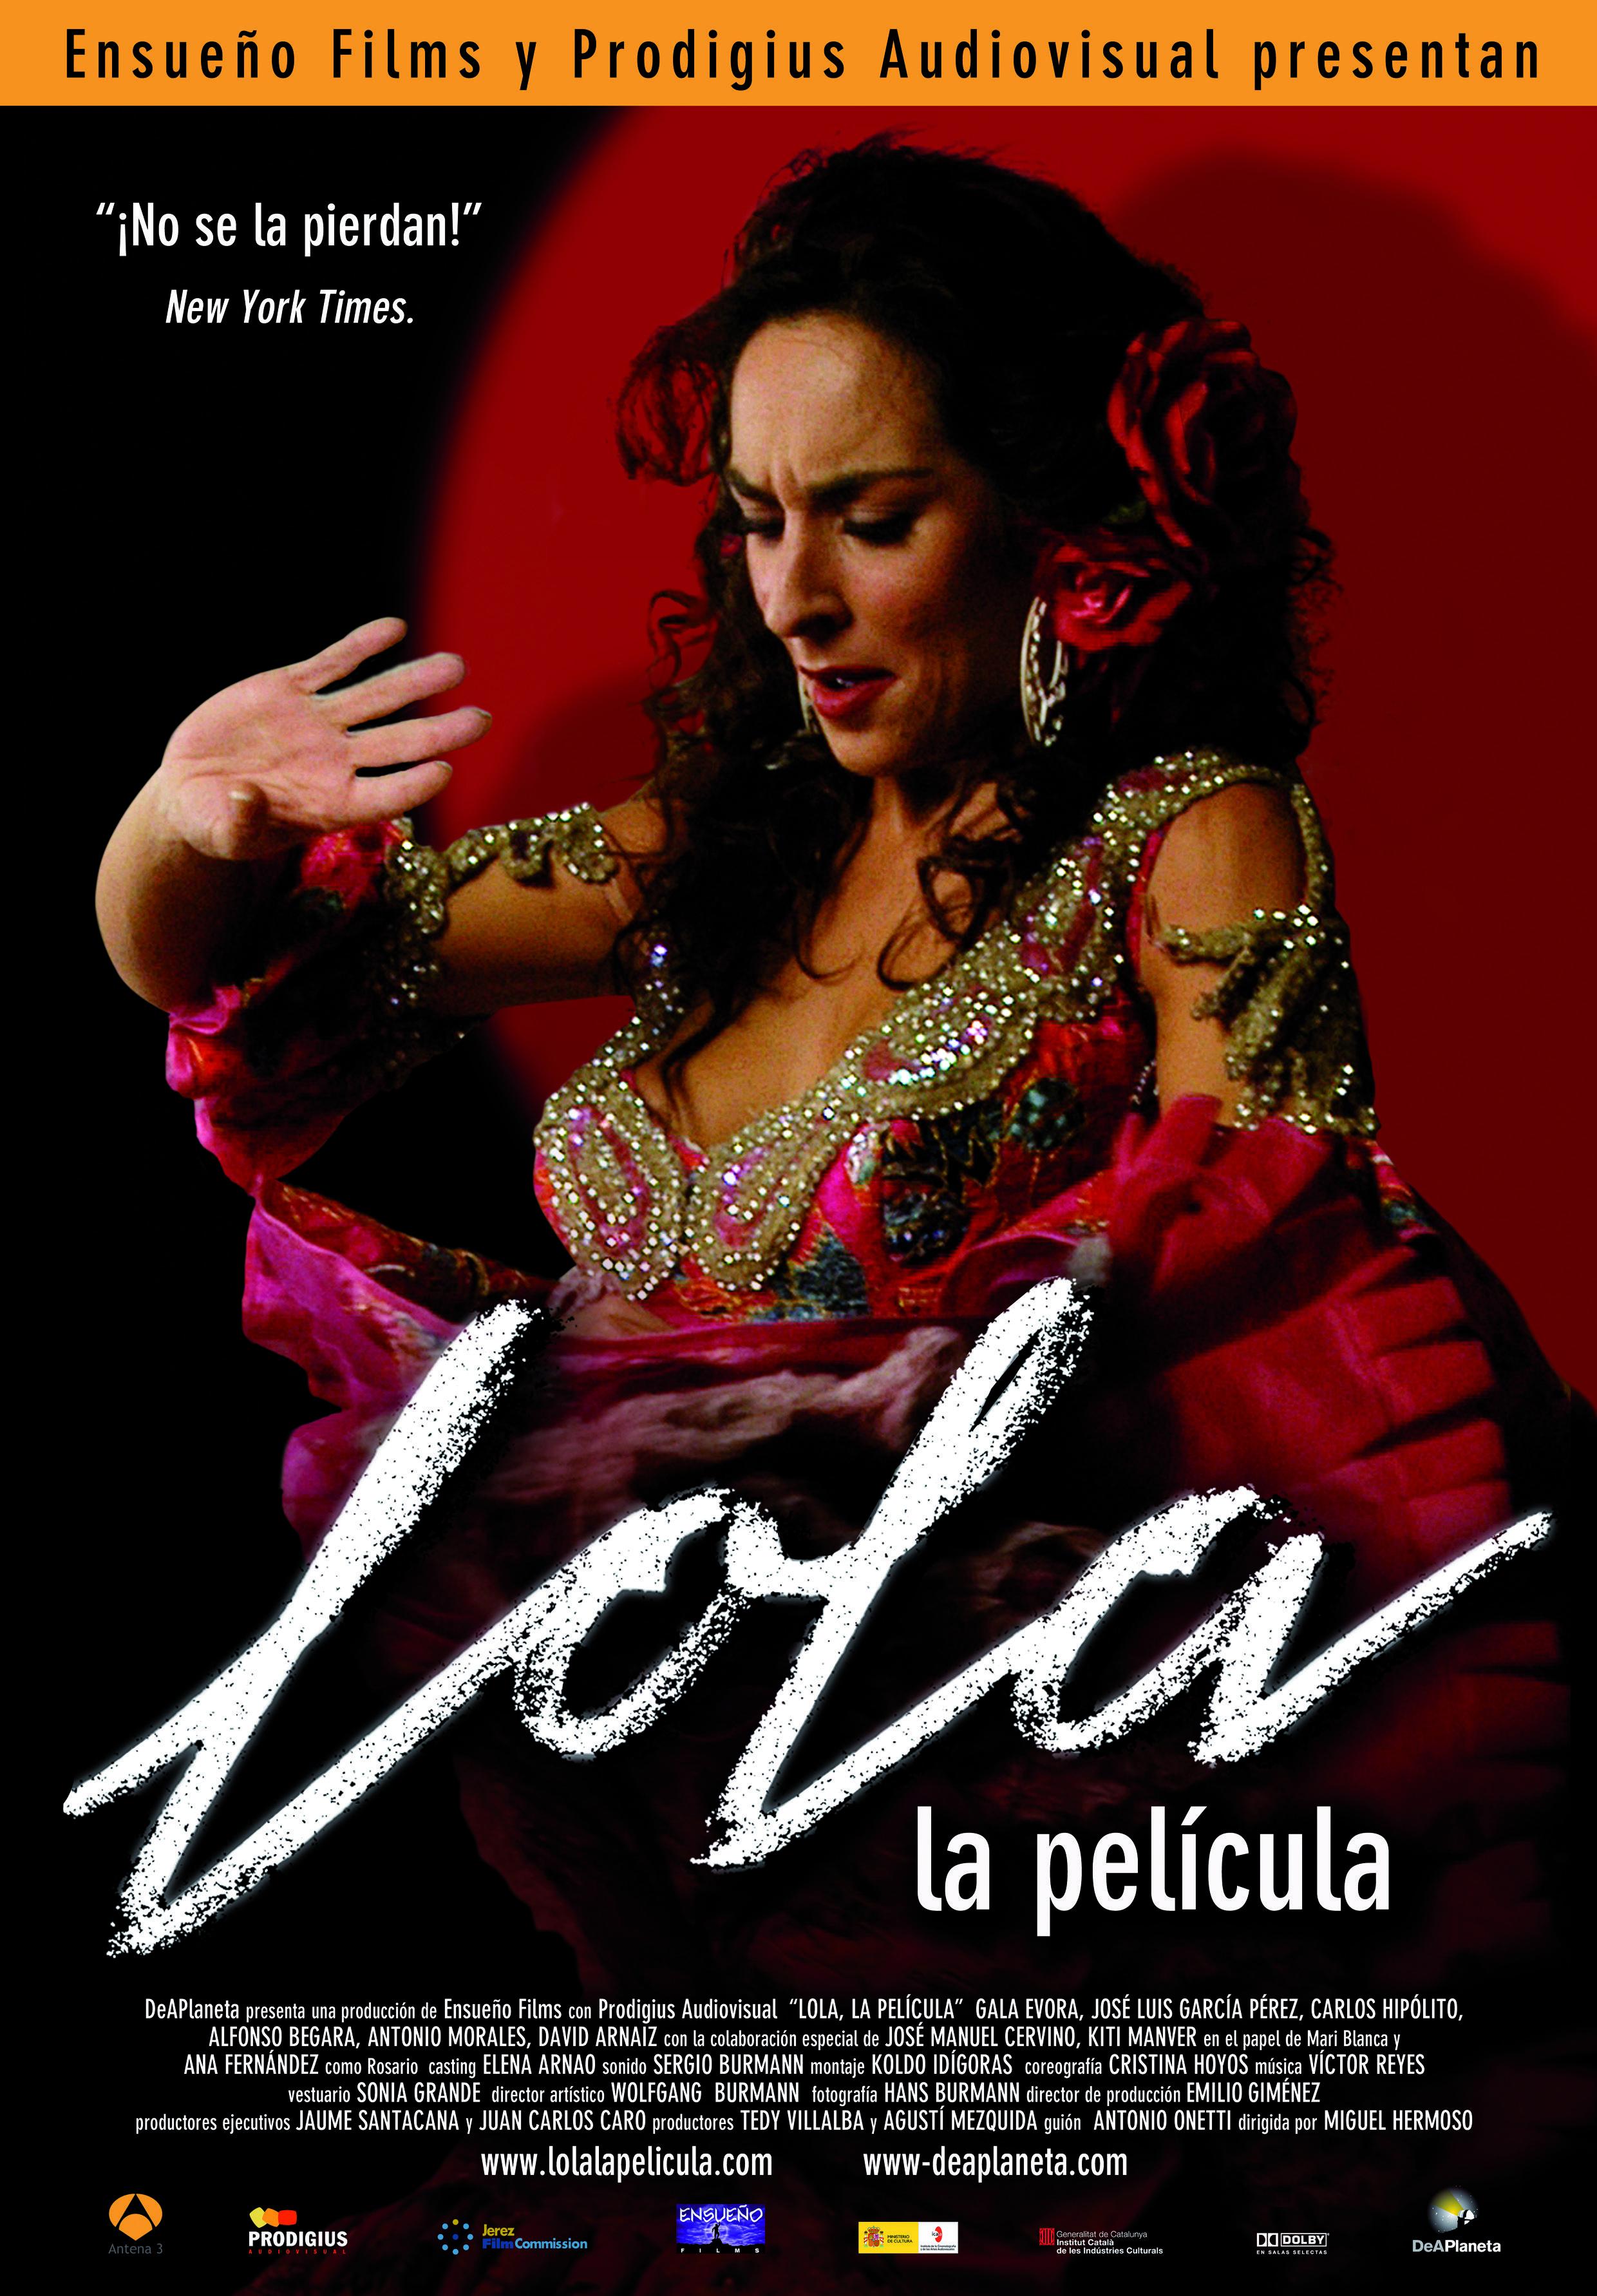 Lola La Pelicula Atresmedia Cine Dirigida Por Miguel Hermoso Estreno 2007 Peliculas Completas Peliculas Filmografia